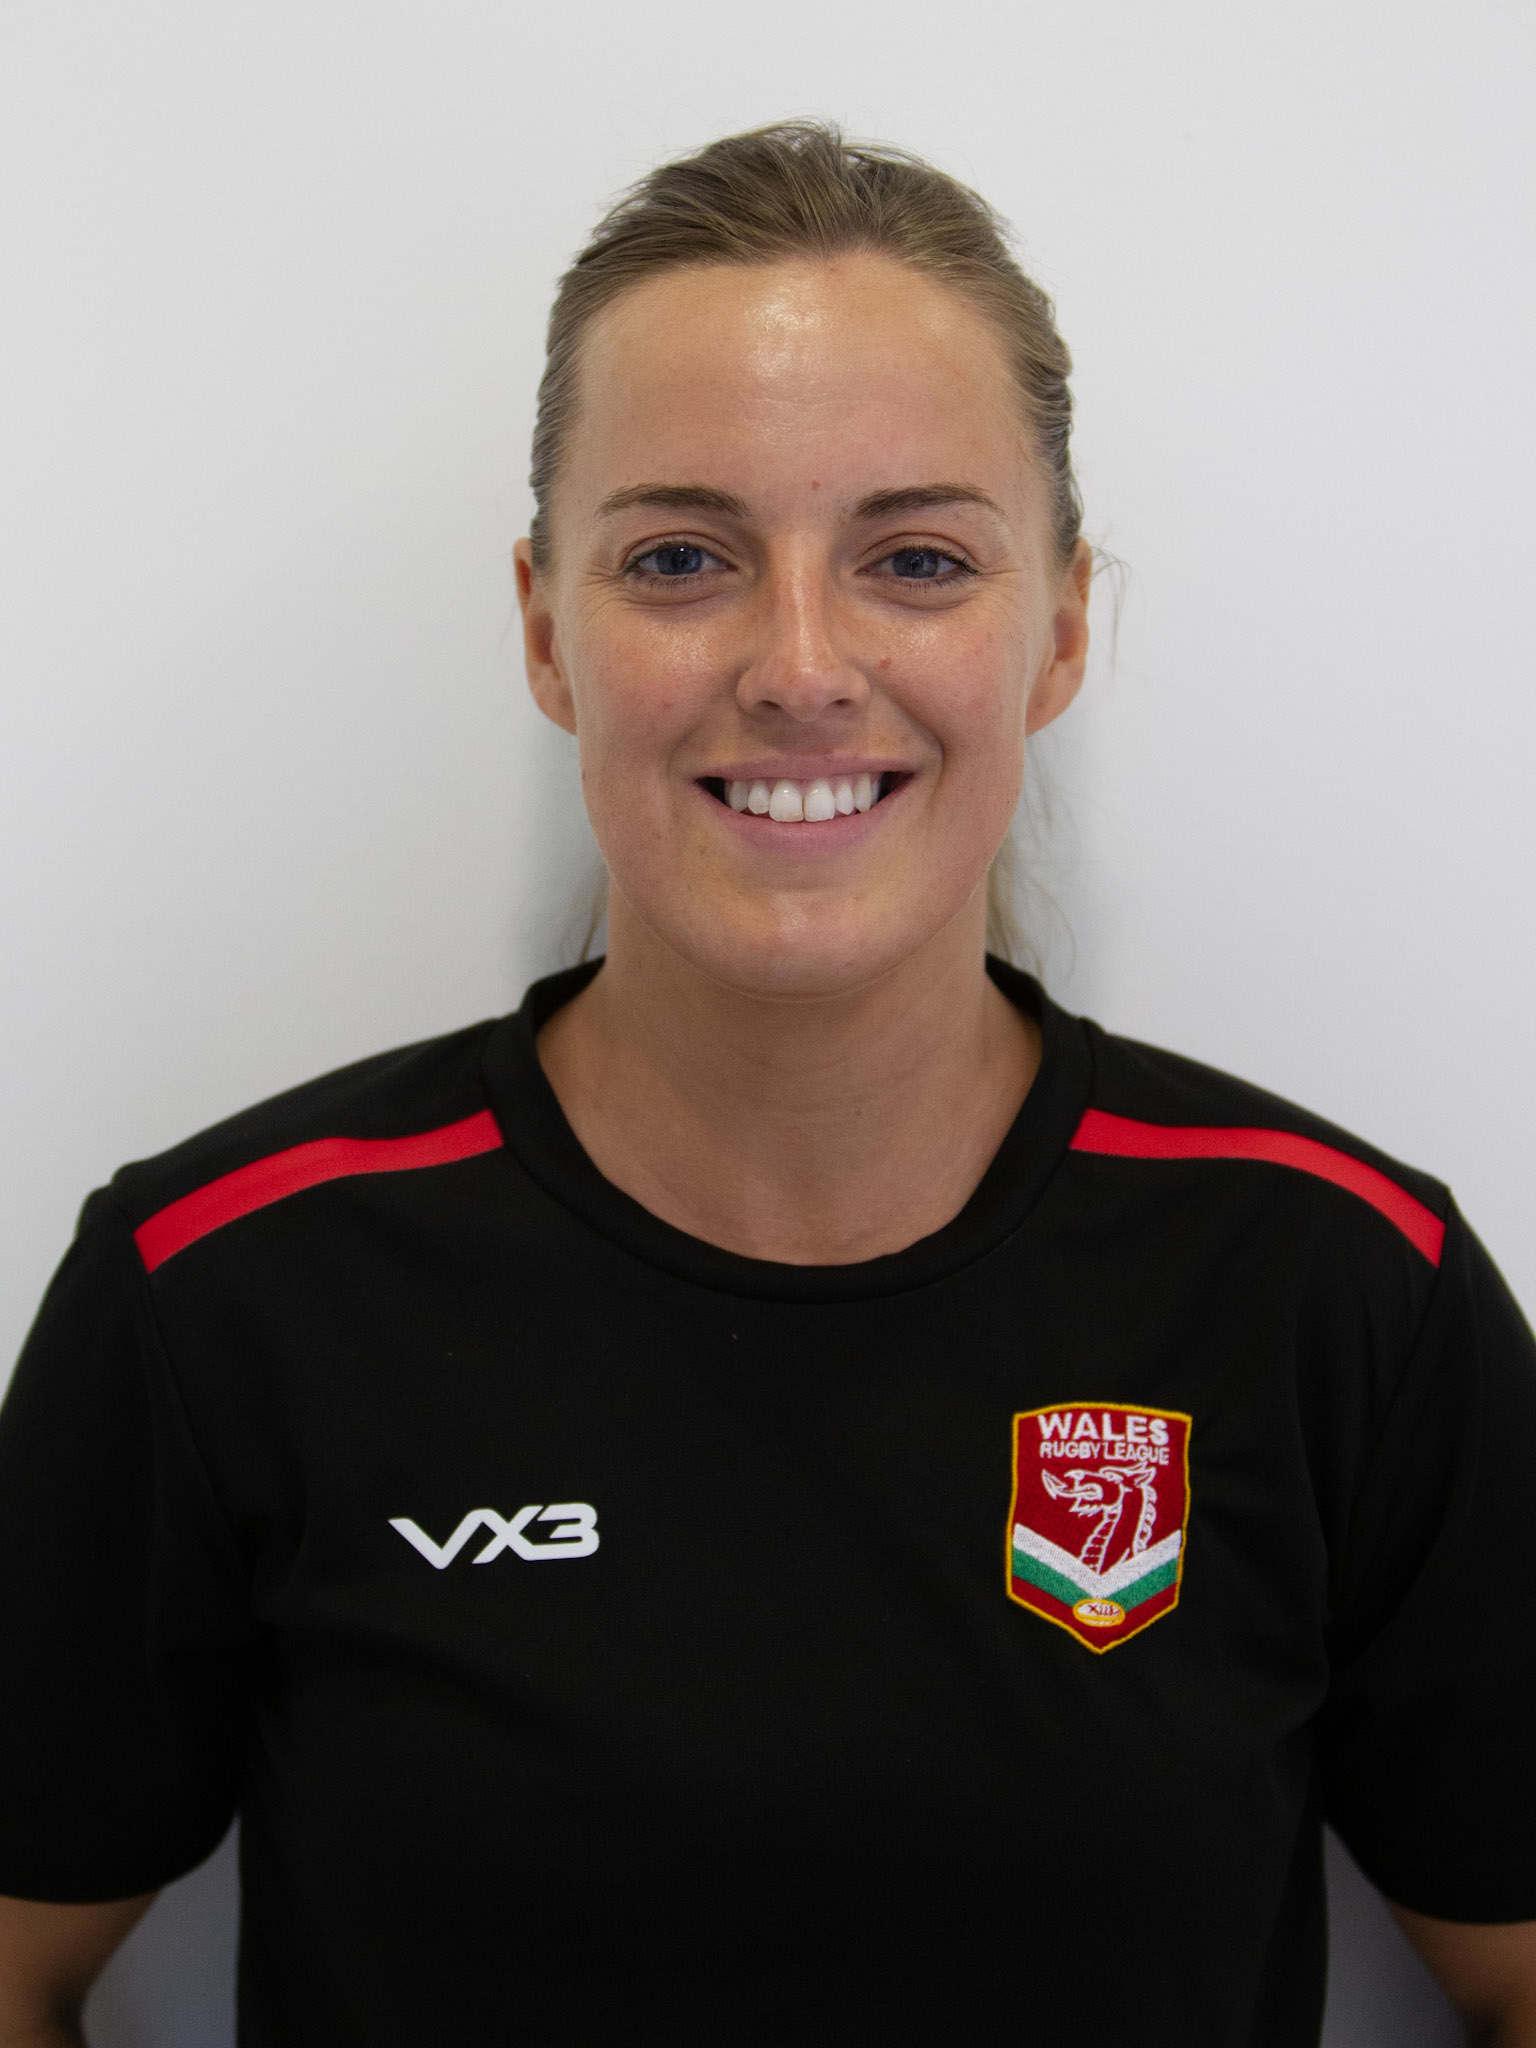 Jess McAuley